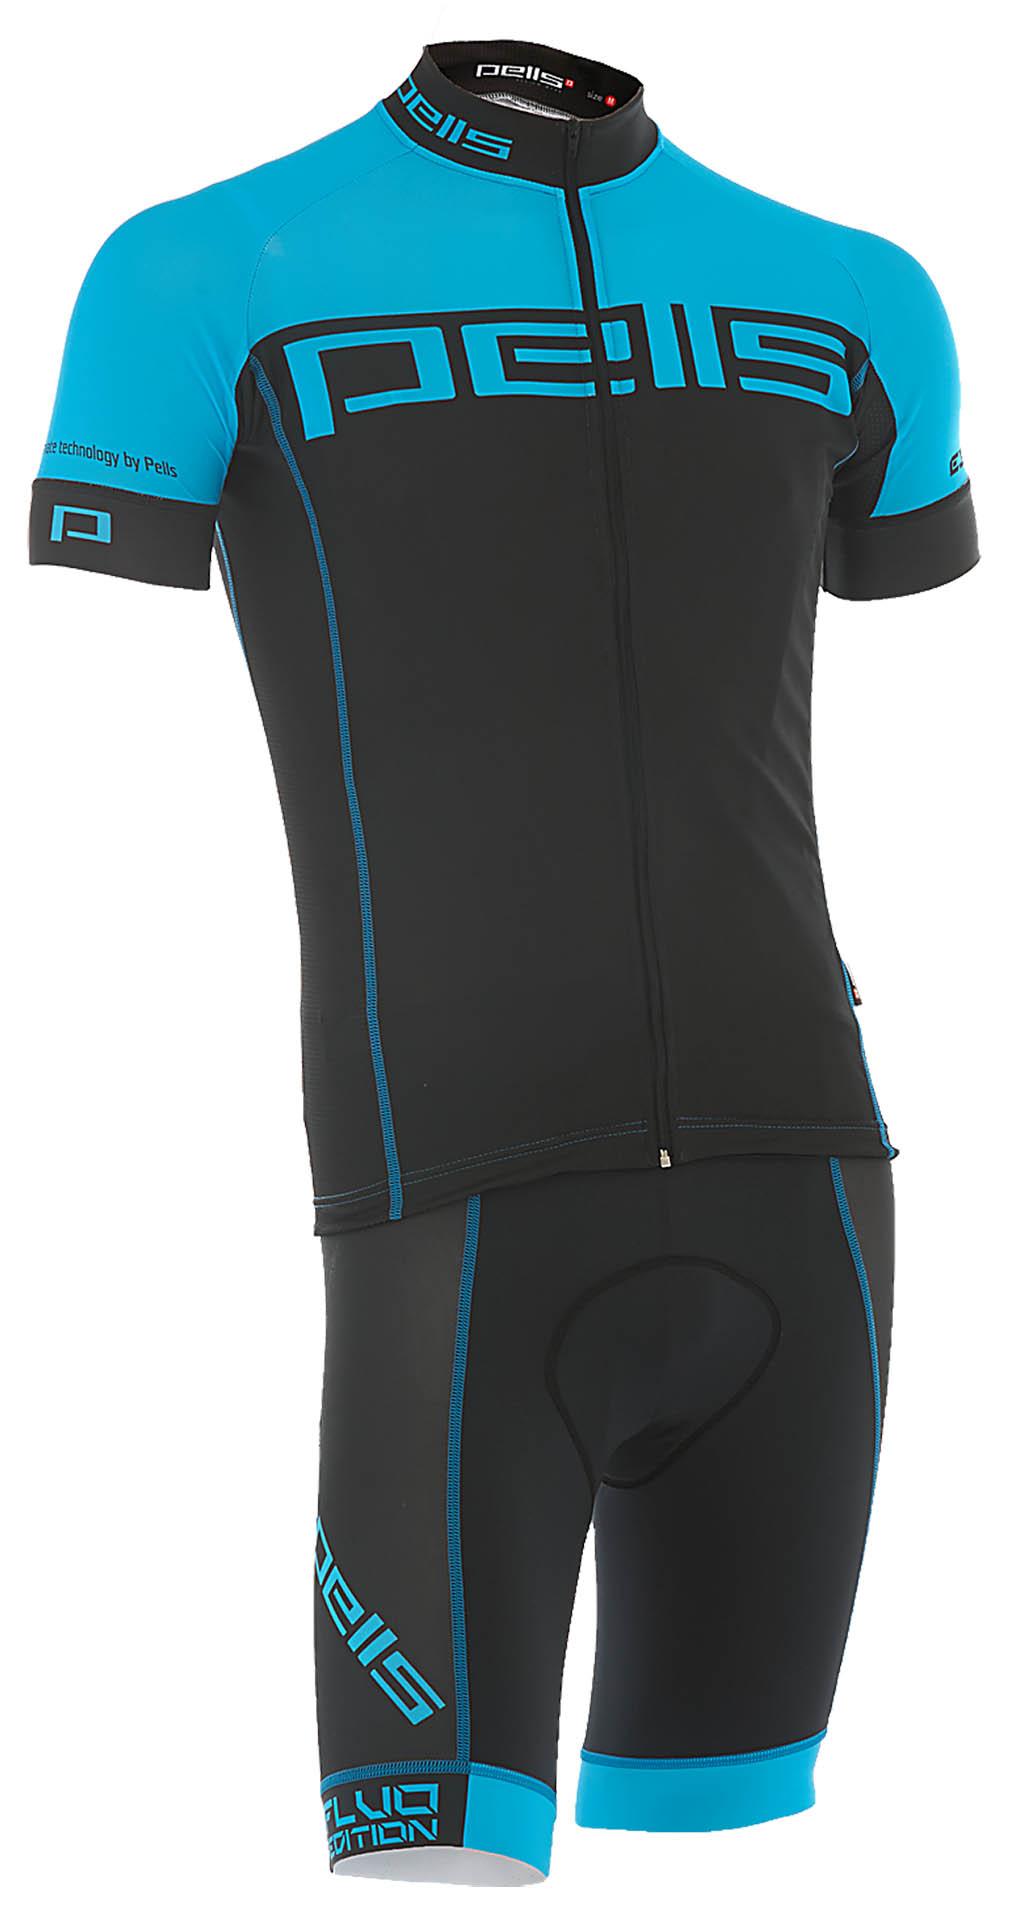 Pánský dres PELL'S FLUO, vel. M, modrá, krátký rukáv - ZDARMA DOPRAVNÉ! (Pánský cyklistický dres PELL'S, vel. M, krátký rukáv, barva modrá dle vyobrazení!)